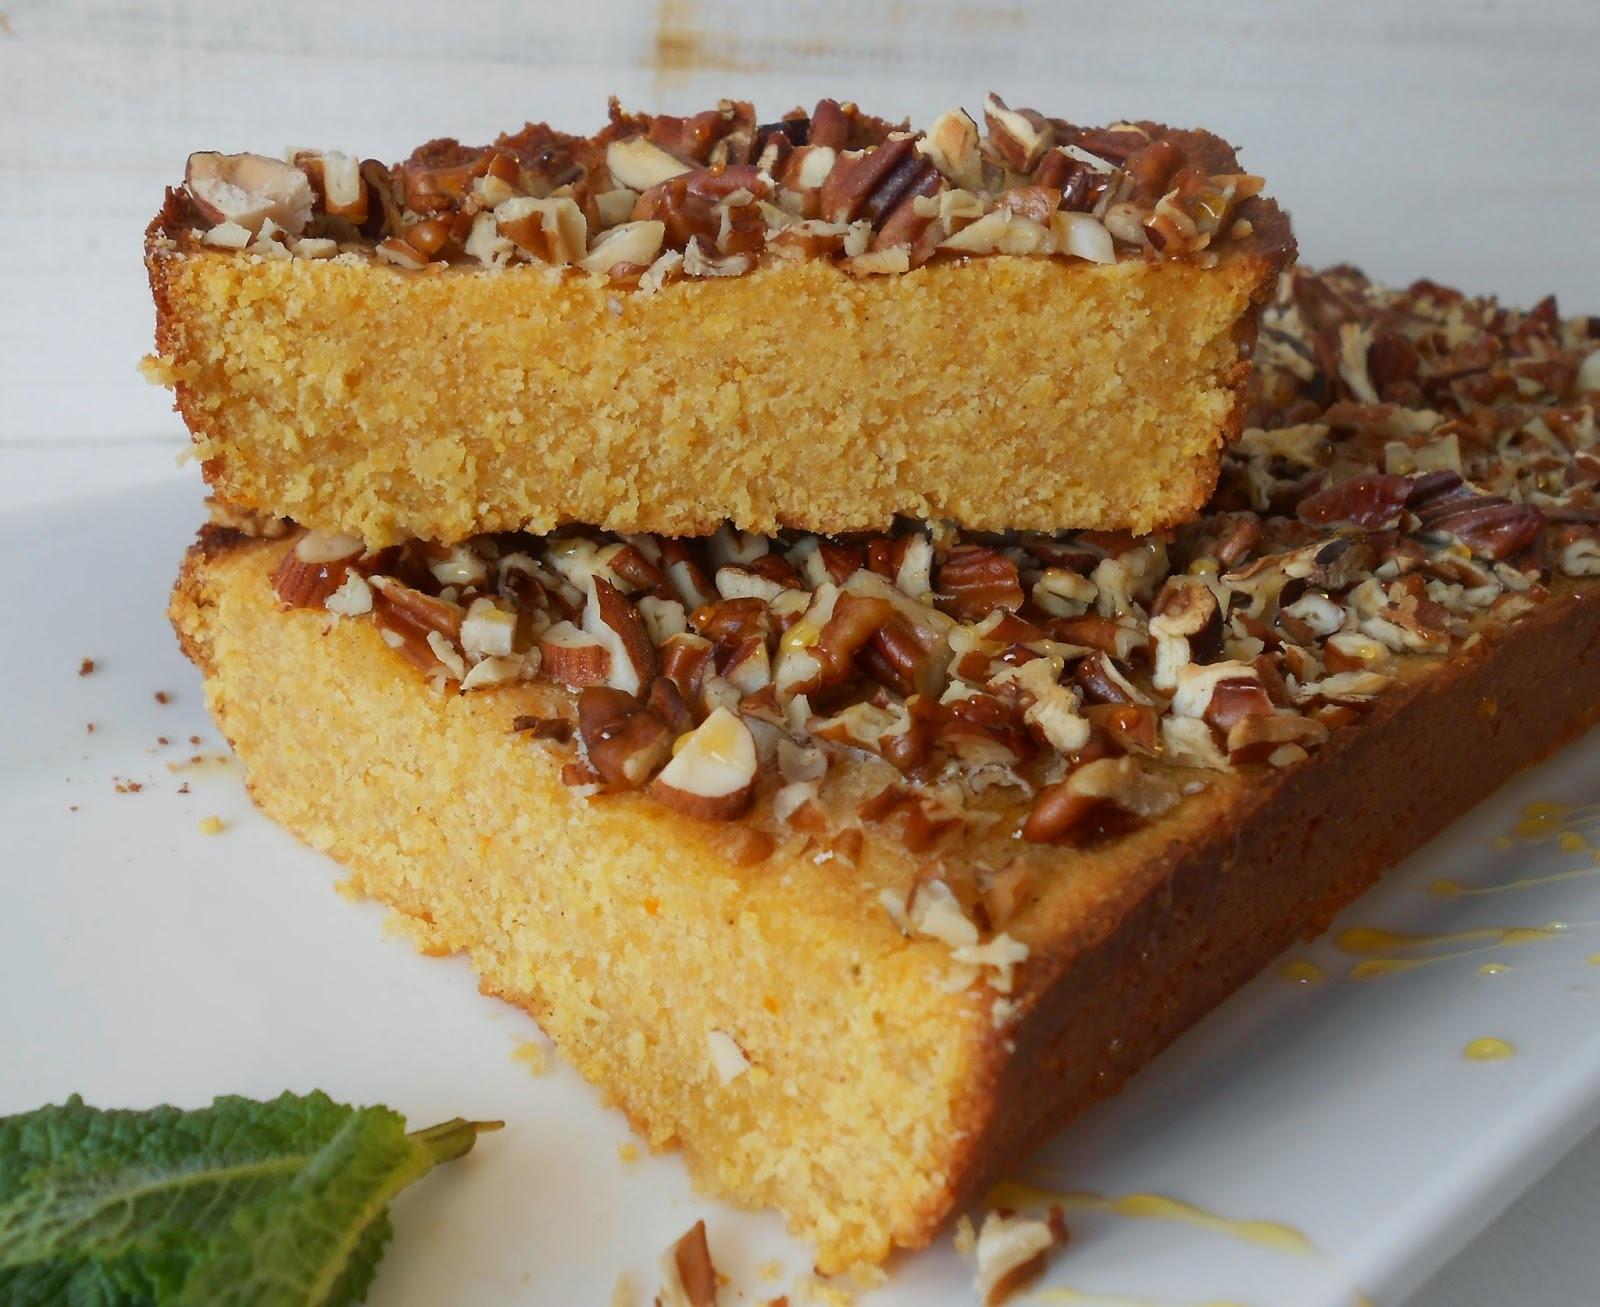 Torta di farina Gialla (Tarta de harina de maíz)